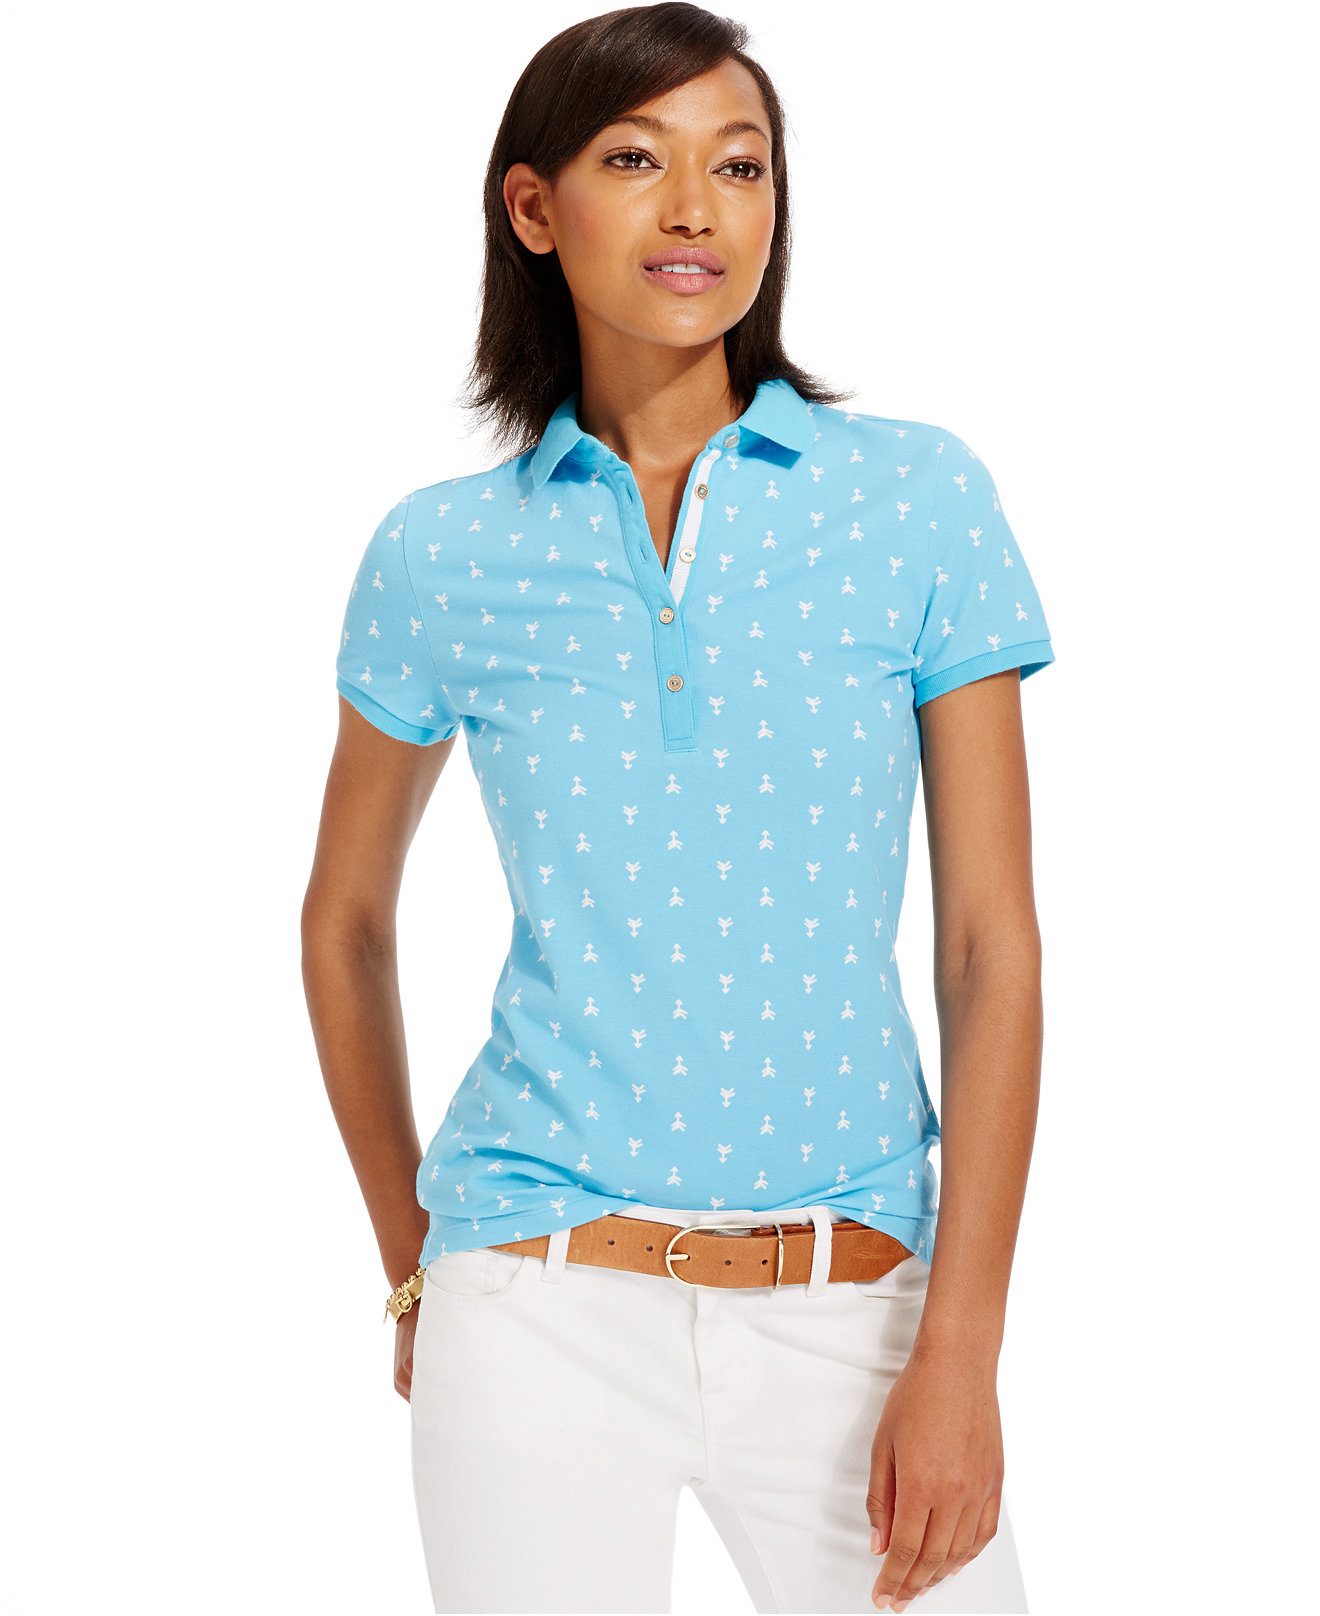 Рубашка поло Tommy hilfiger  2015 POLO футболка детская tommy hilfiger polo polo